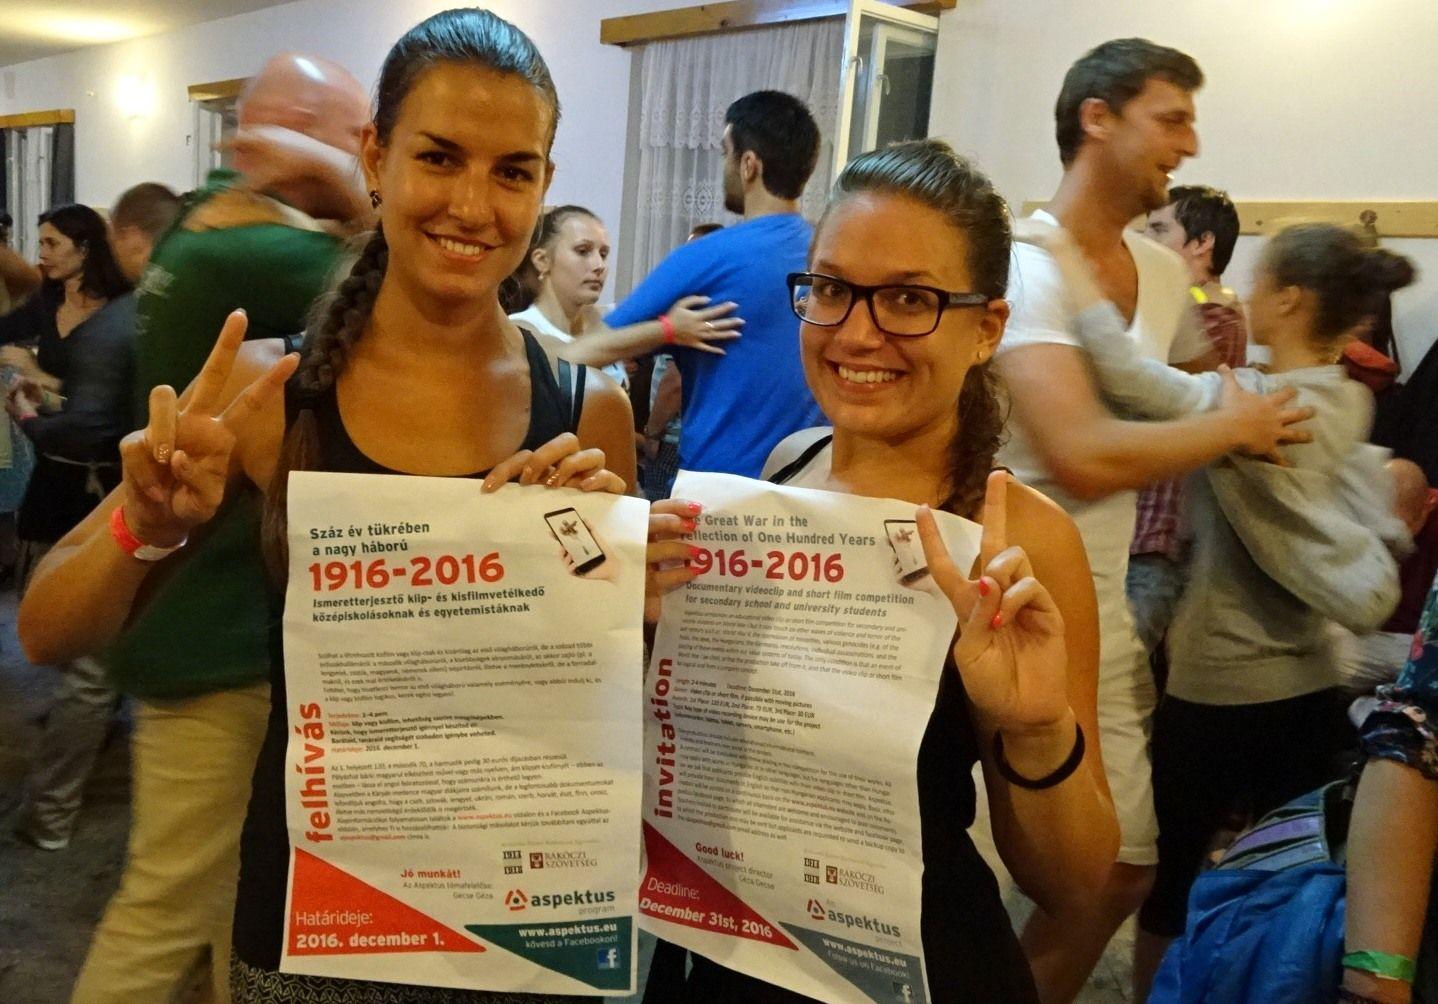 Kalotaszentkirályi táncosok a klipvetélkedő plakátjával a táncházban. Fotó: Gecse Géza